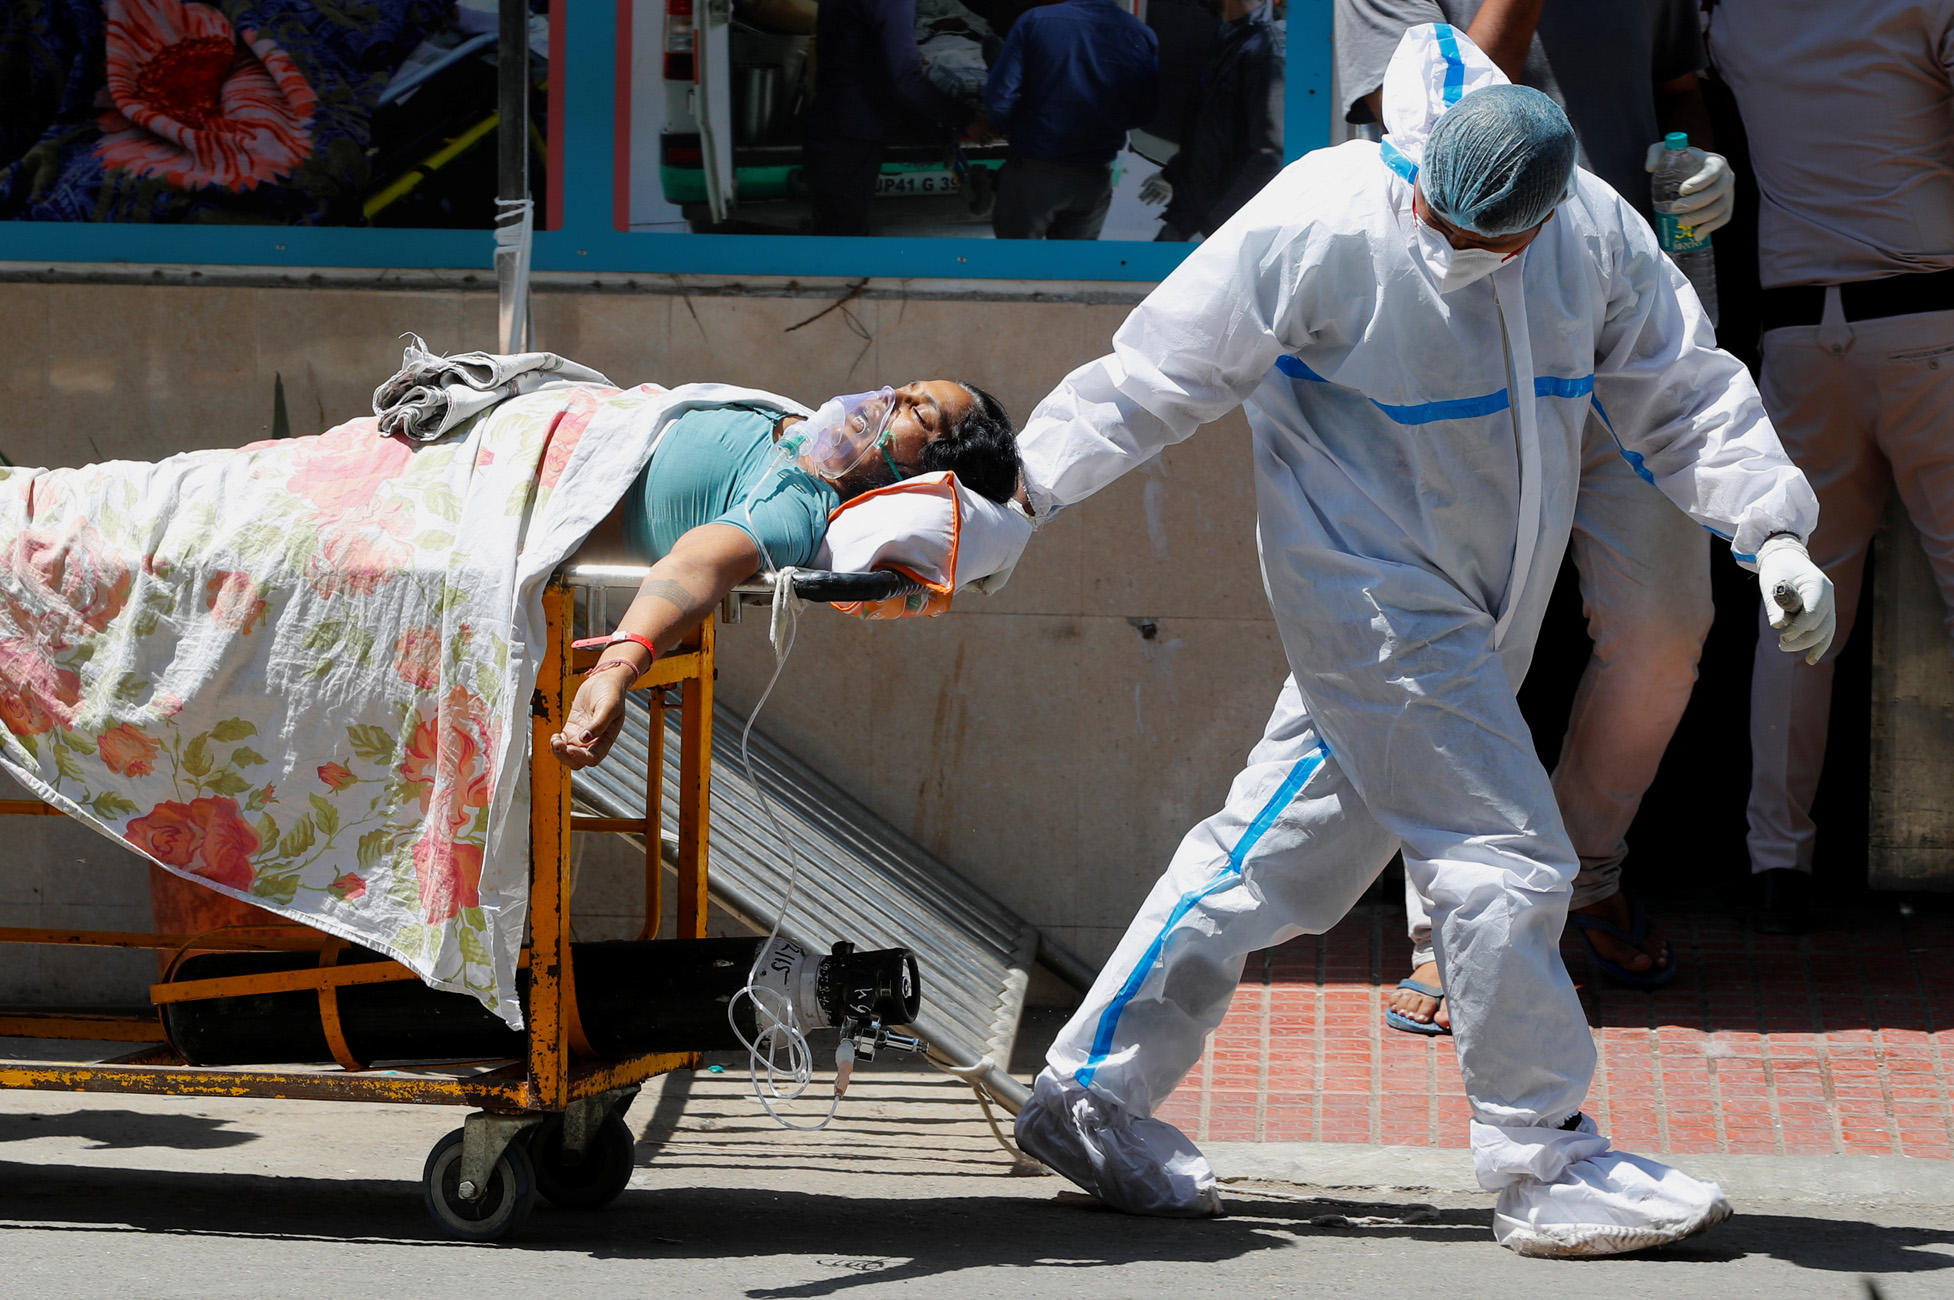 Ινδία: Άλλο ένα τρομακτικό 24ωρο 323.000 κρούσματα κορονοϊού και 2.771 θανάτους